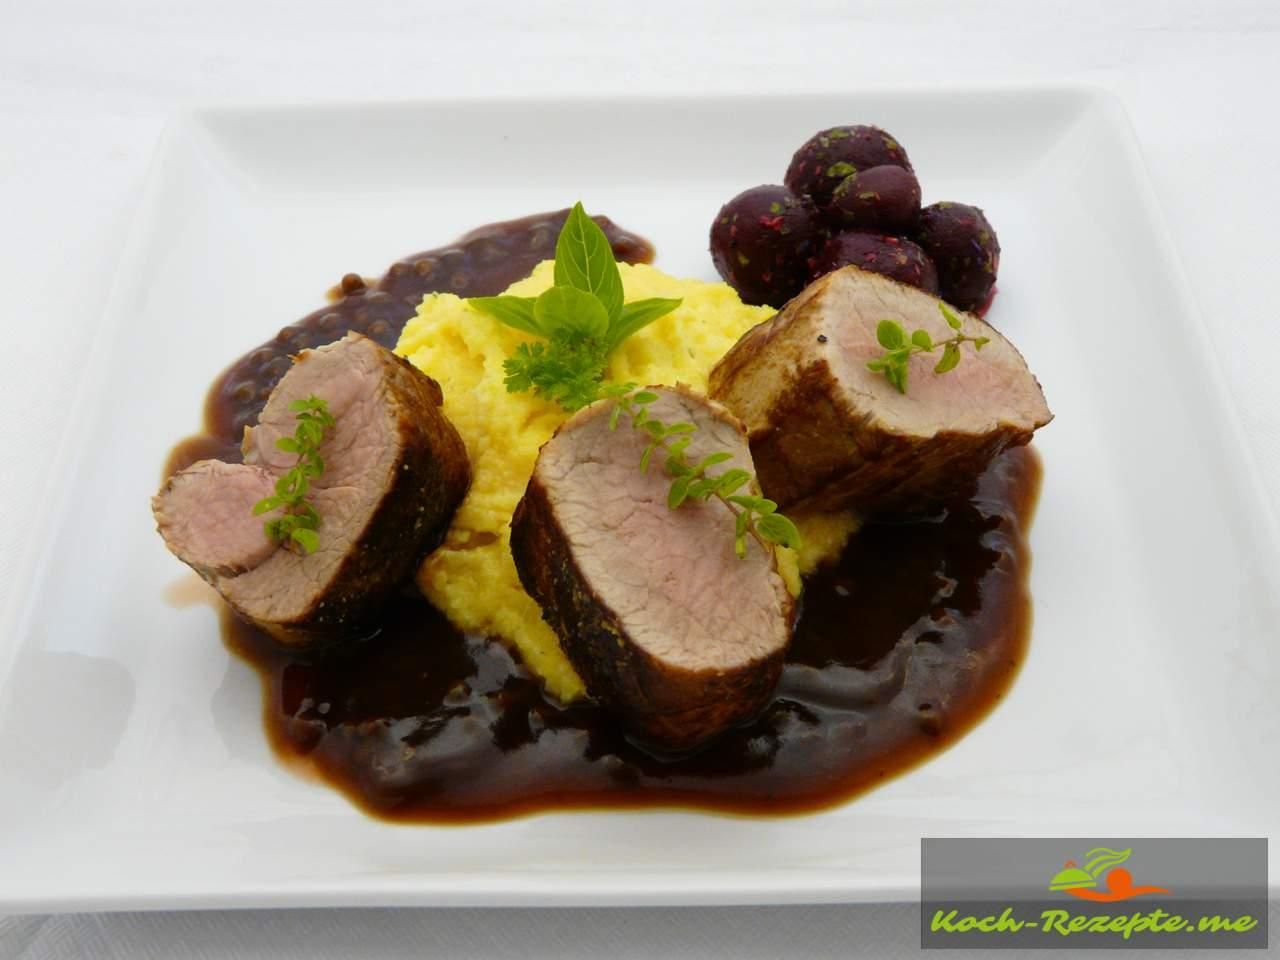 Fertiges Menü Polenta, Sauce und Schweinefilet (Schweinelende) saftig und lecker